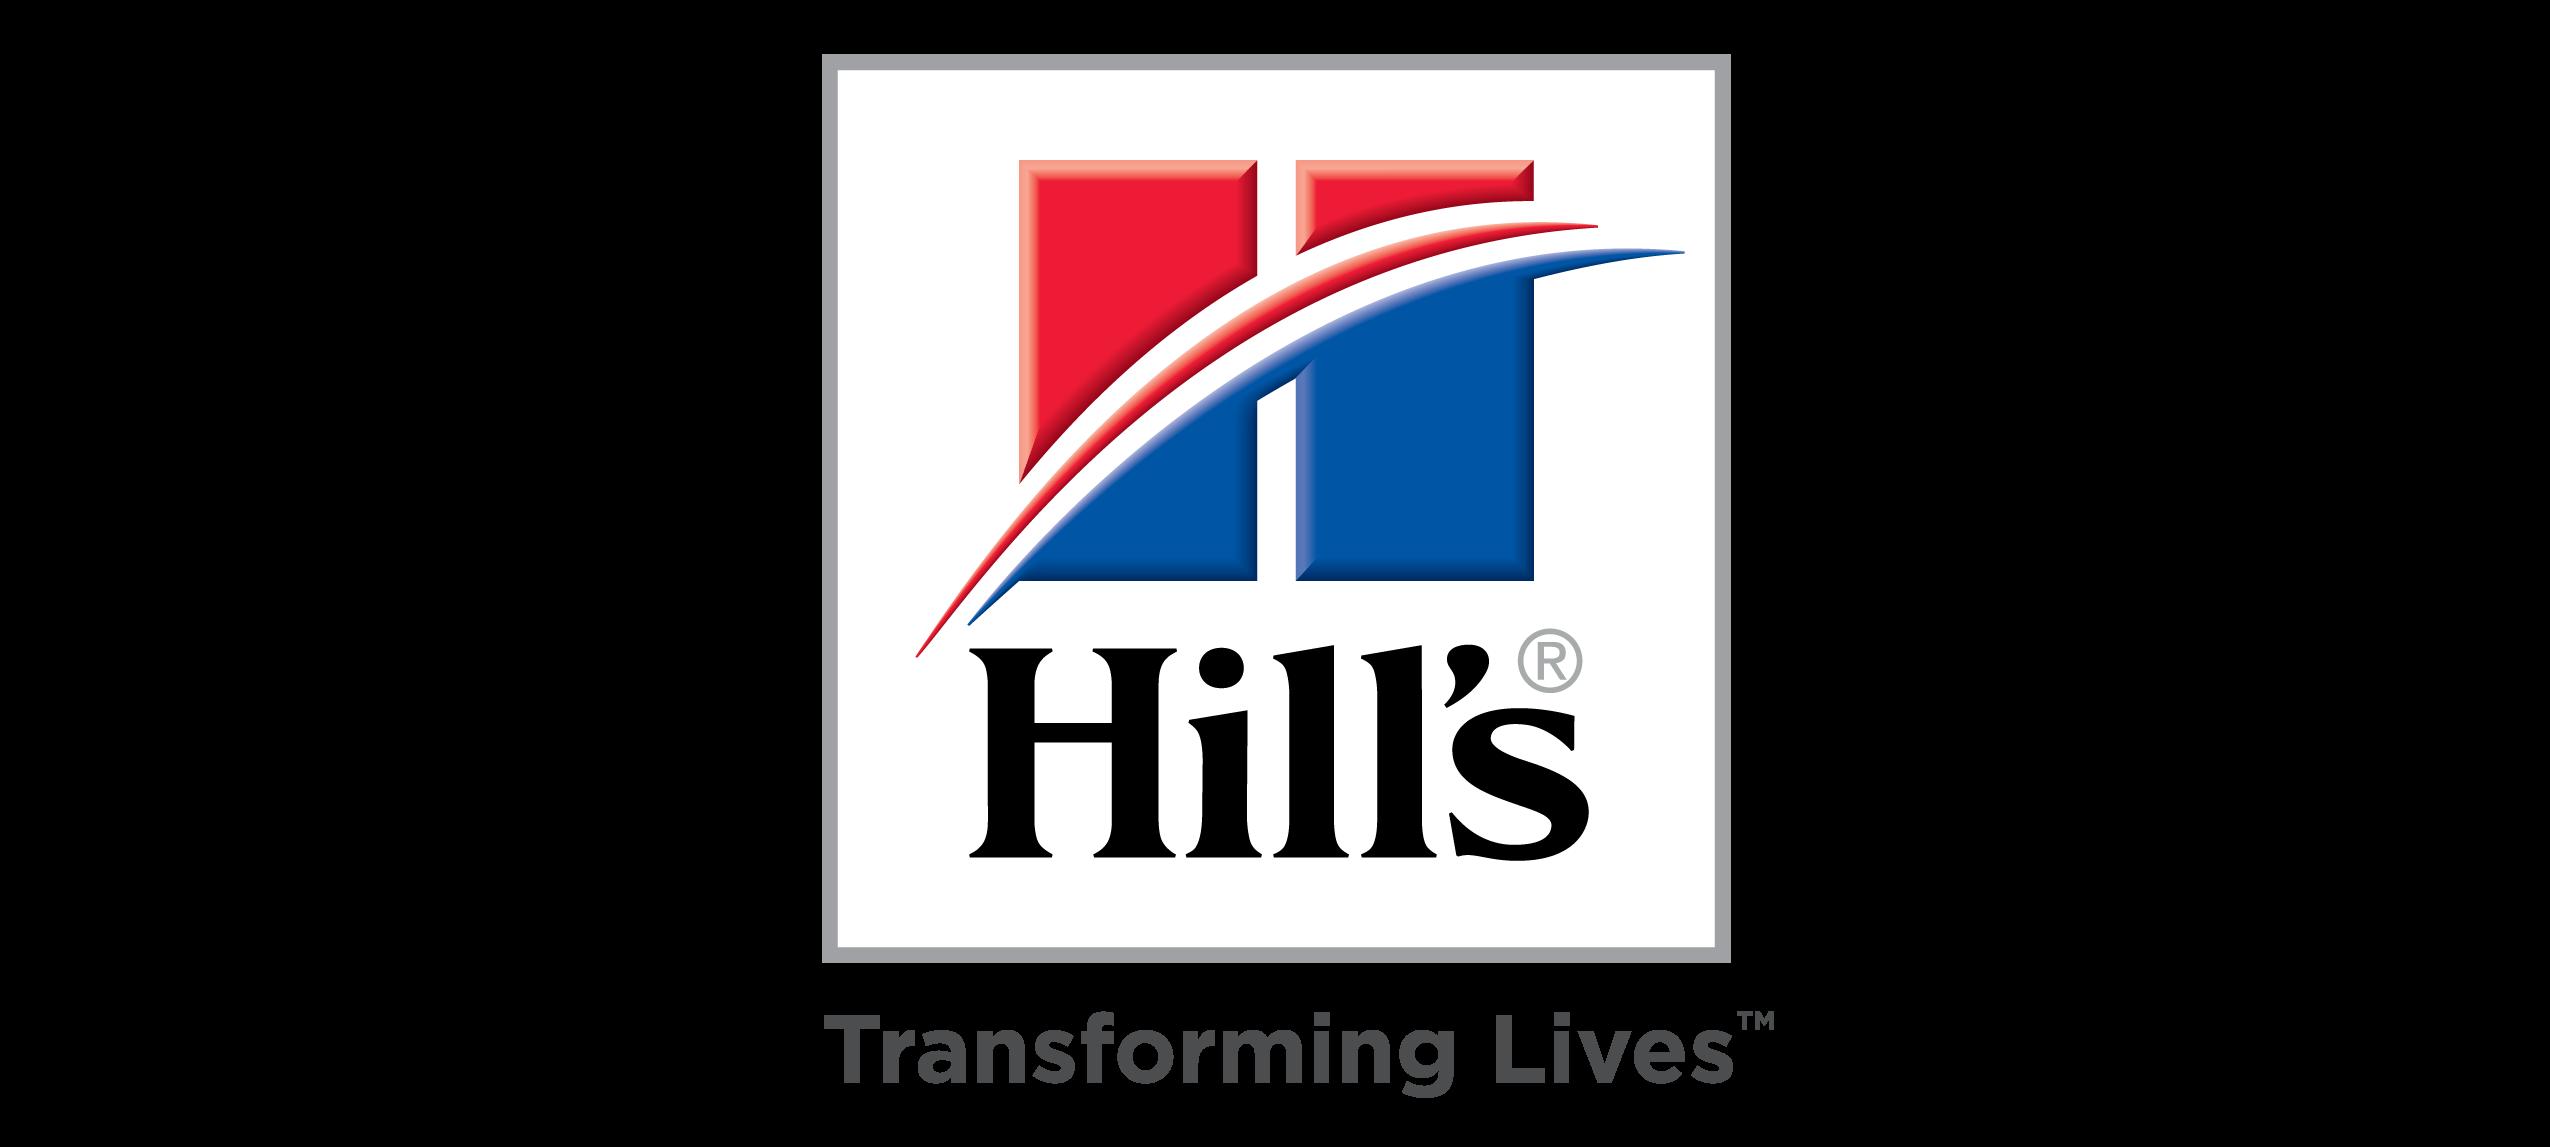 Hills_TransformingLives_Logo_2018-01